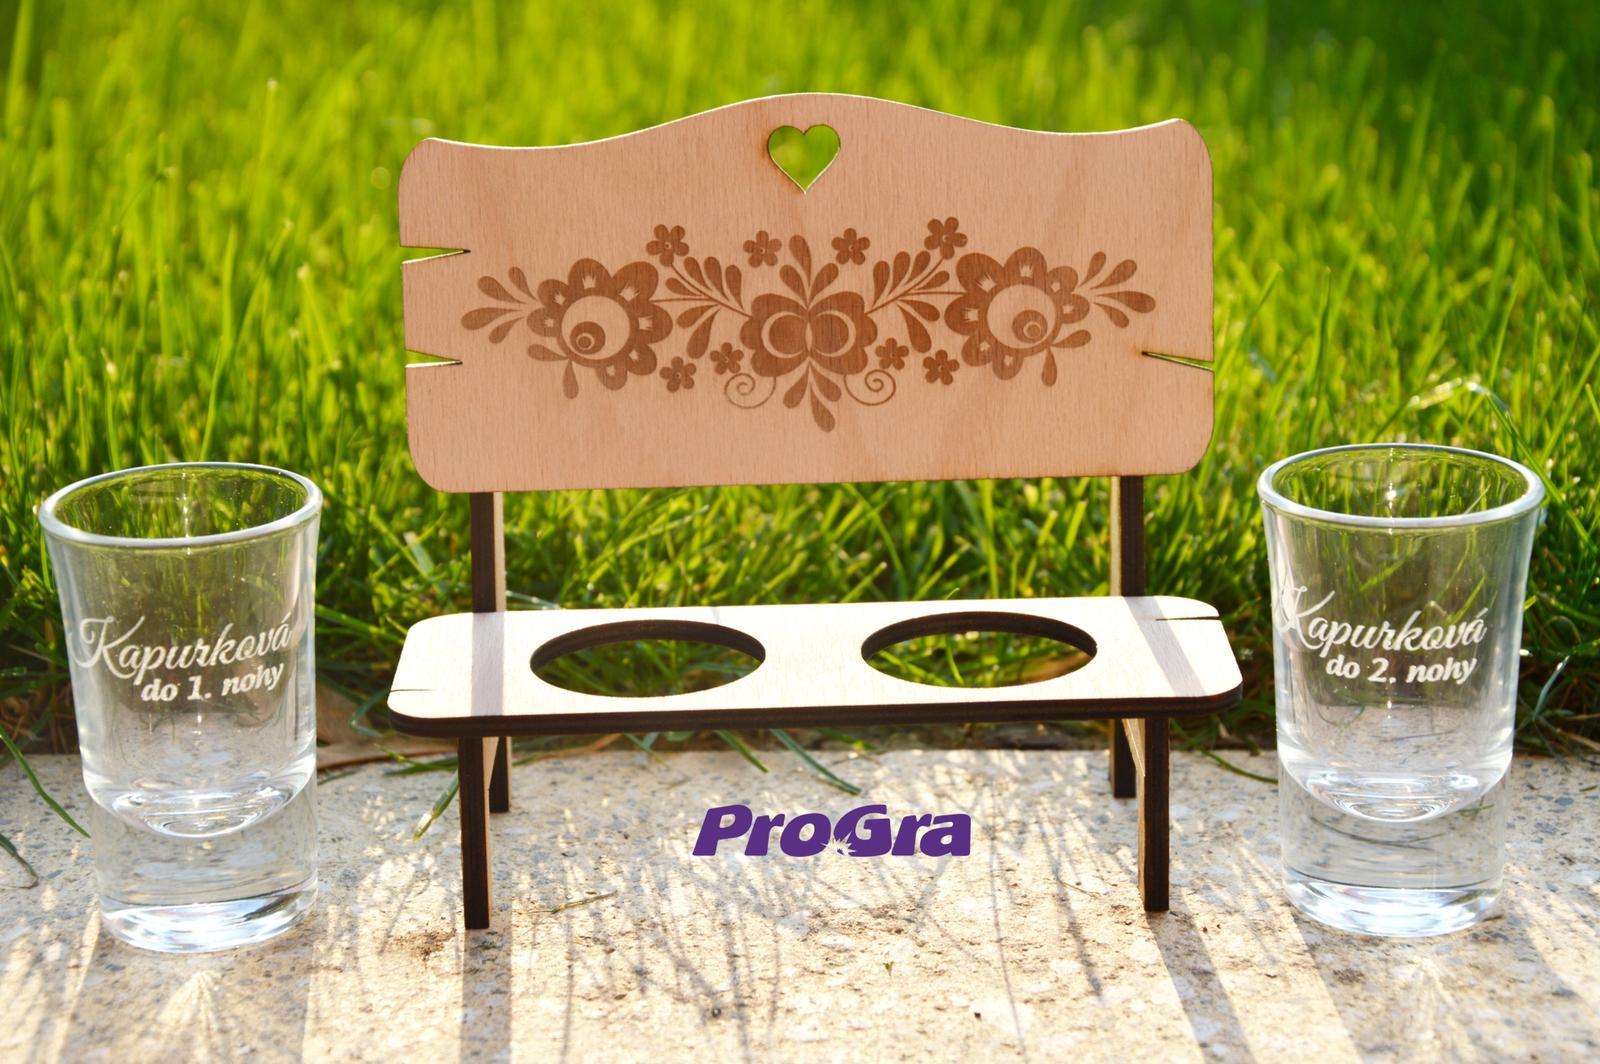 Svatební skleničky - Lavička s lidovým ornamentem potěší každého